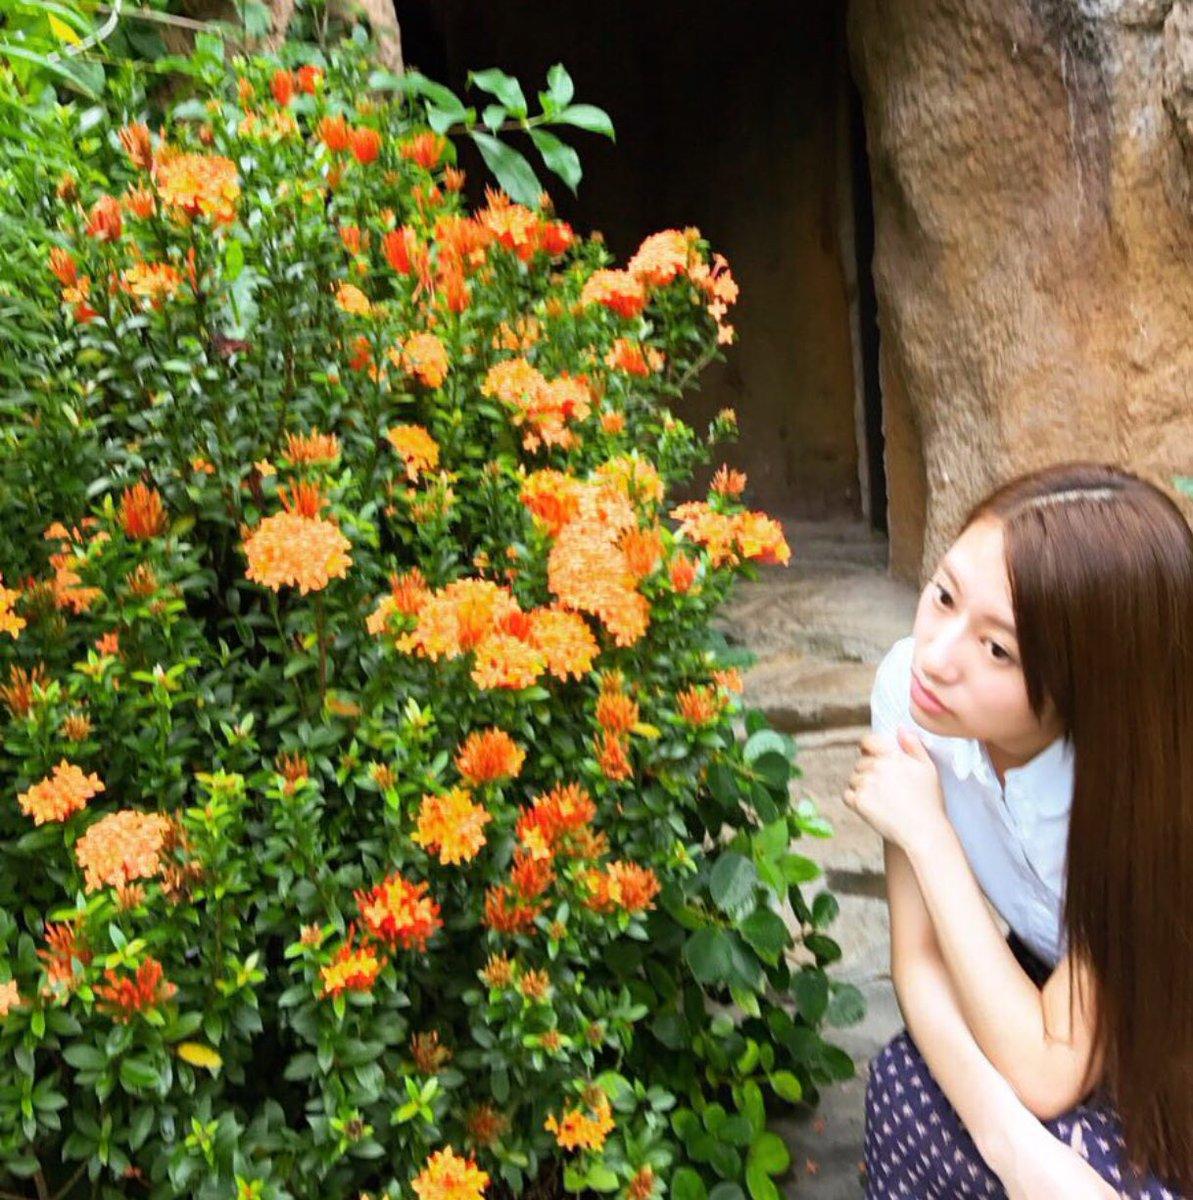 このオレンジ色の花も美しい(^^) 後ろに見えるドアの奥は、洞窟の中にある瞑想ルームなんですよ(^^) htt...